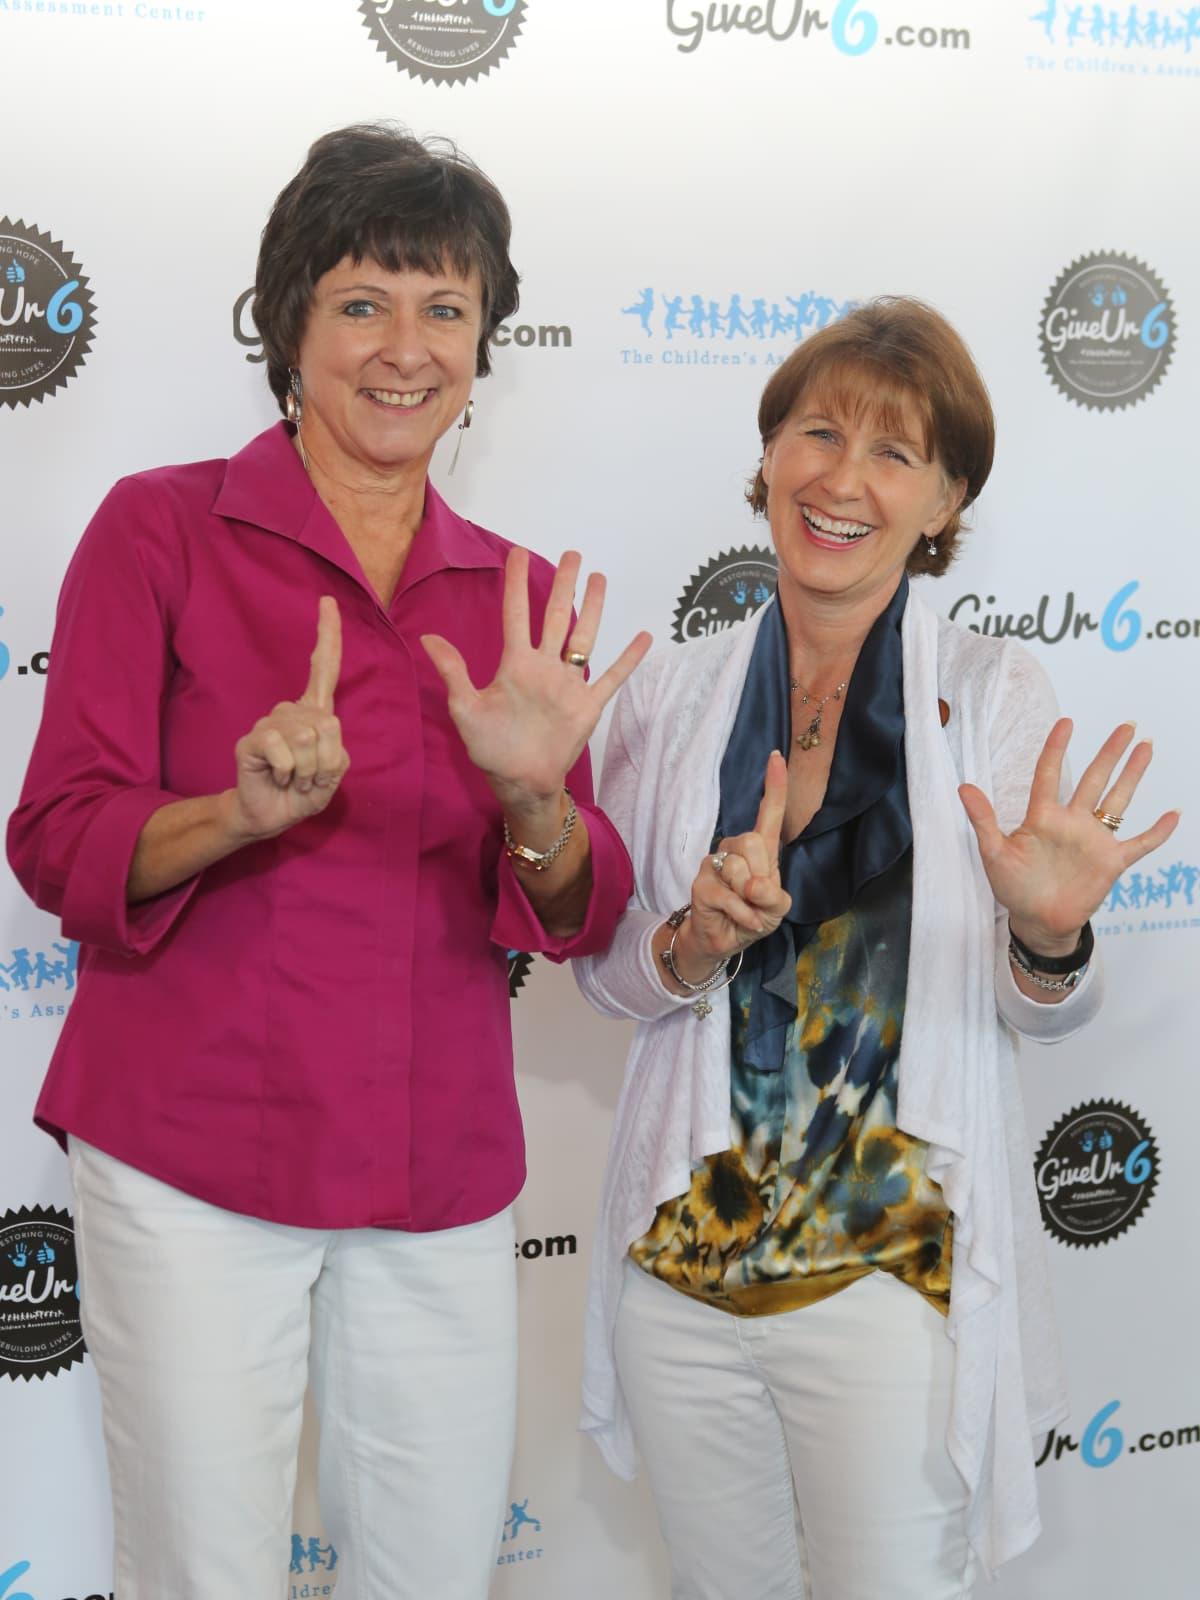 Children's Assessment Center 6/16 Joan Campbell, Cindy Friend